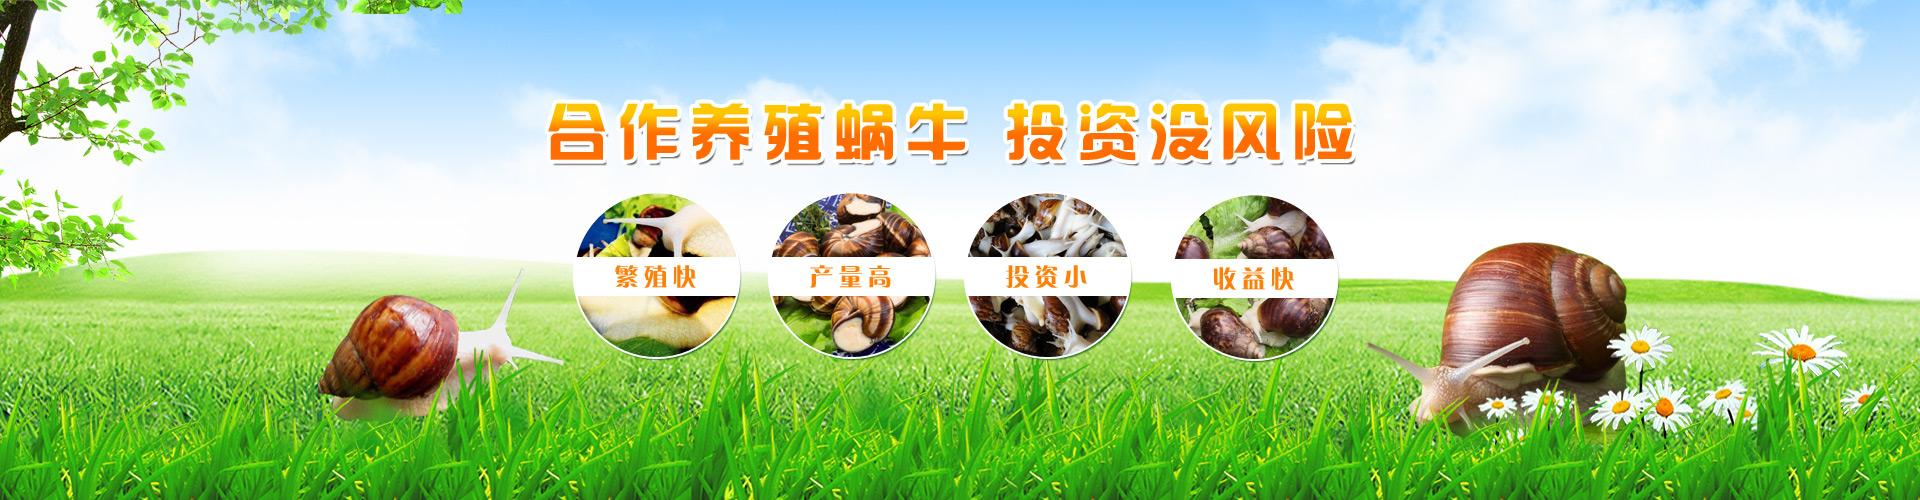 蜗牛banner2